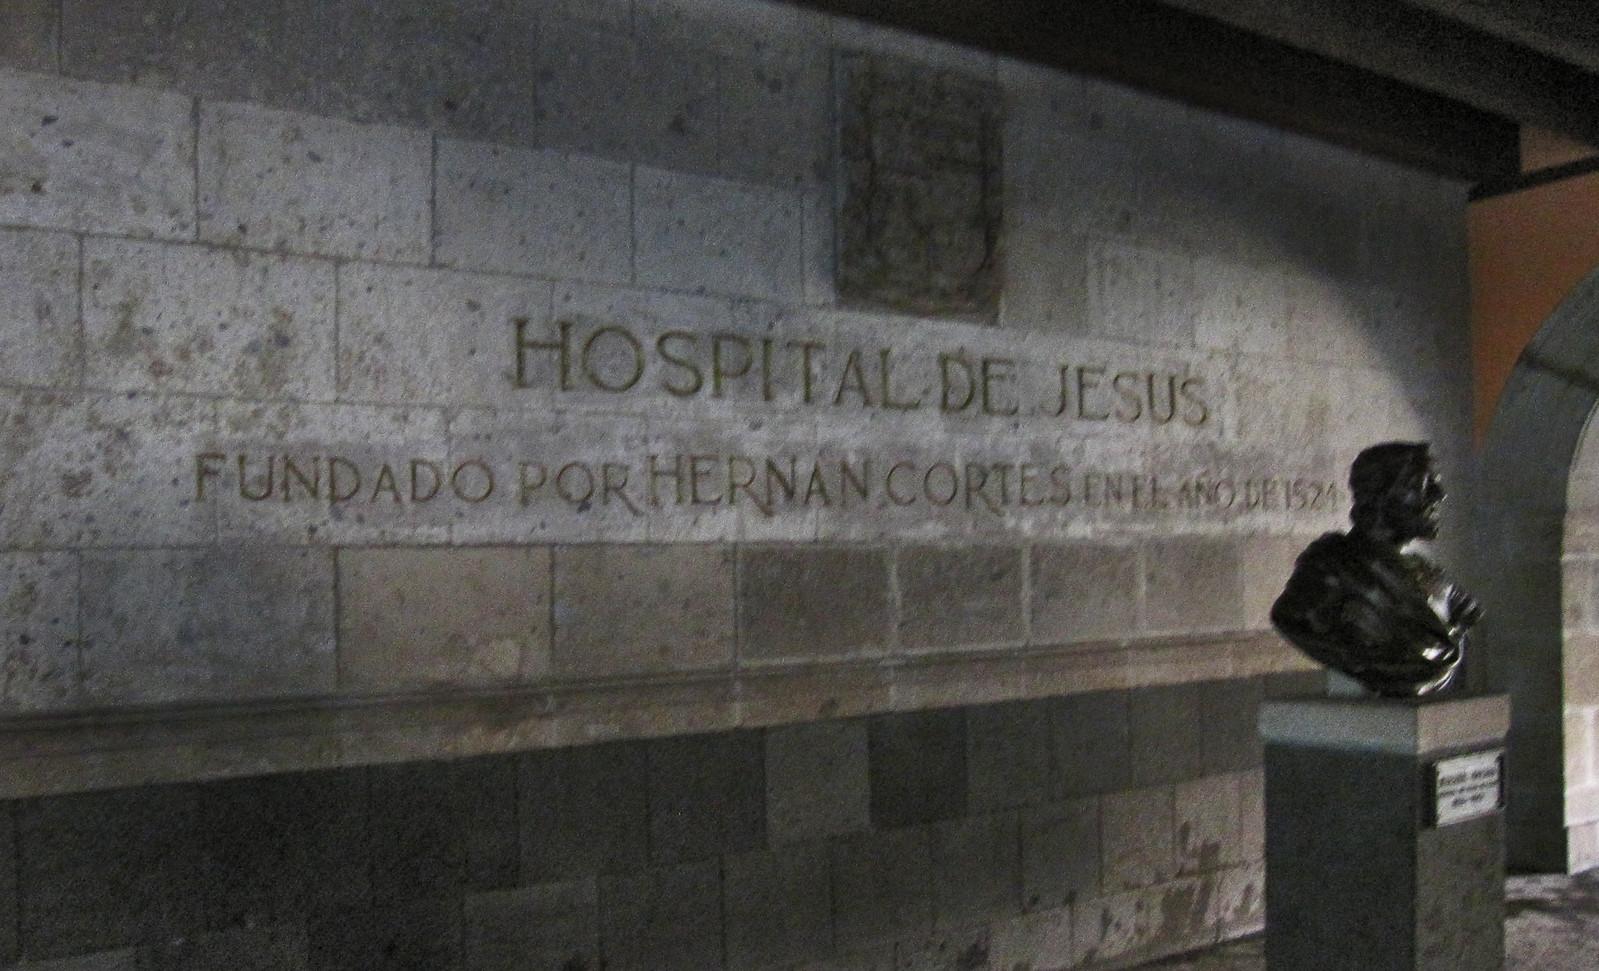 Hospital de Jesus 13